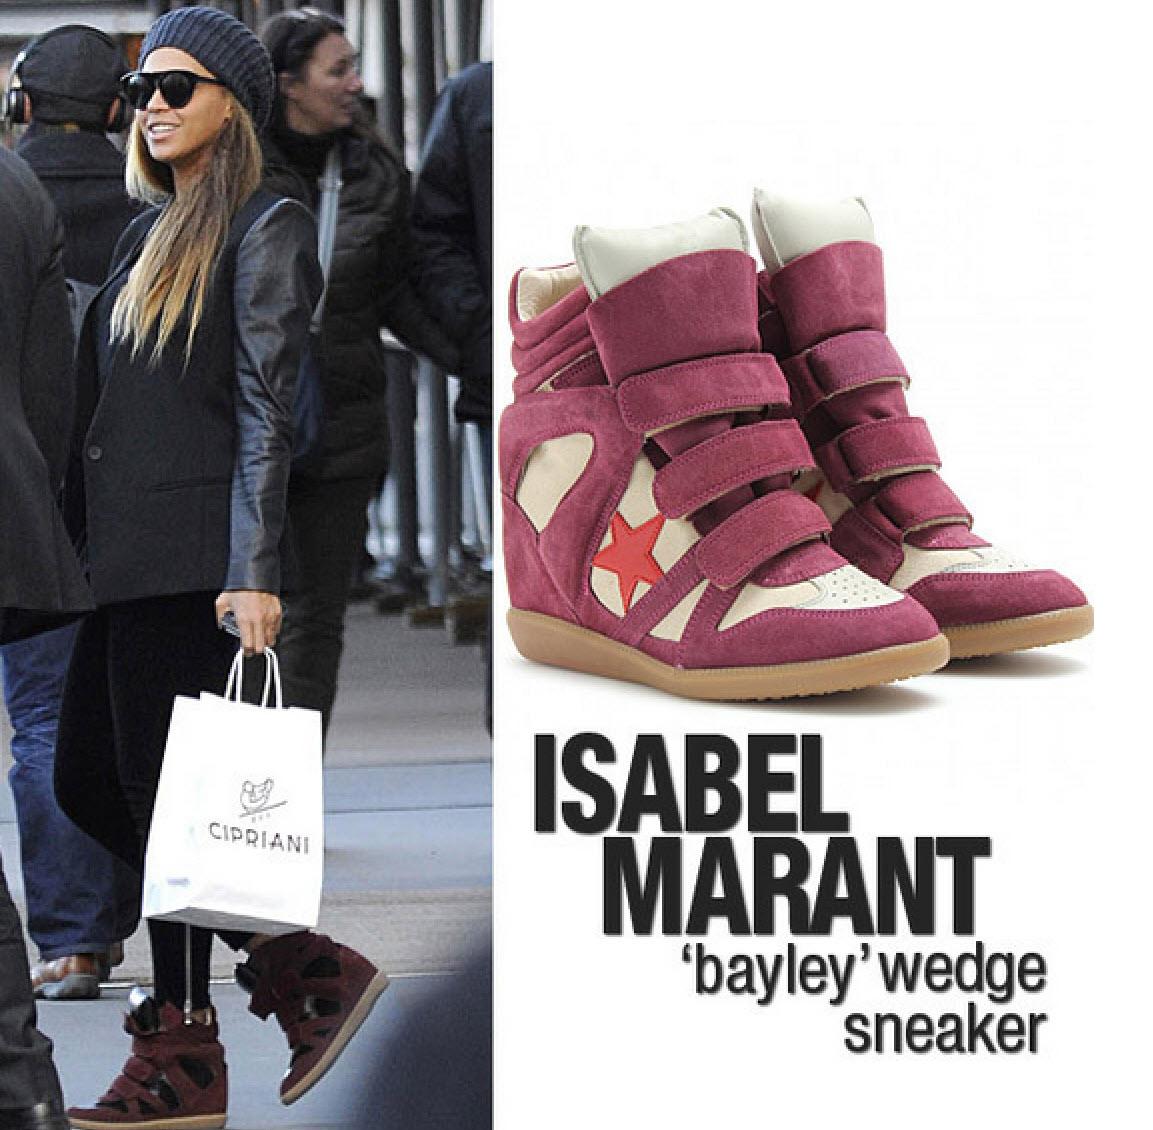 Isabel Marant Wedge sneakers, populärare än någonsin och det finns prisvärda alternativ.